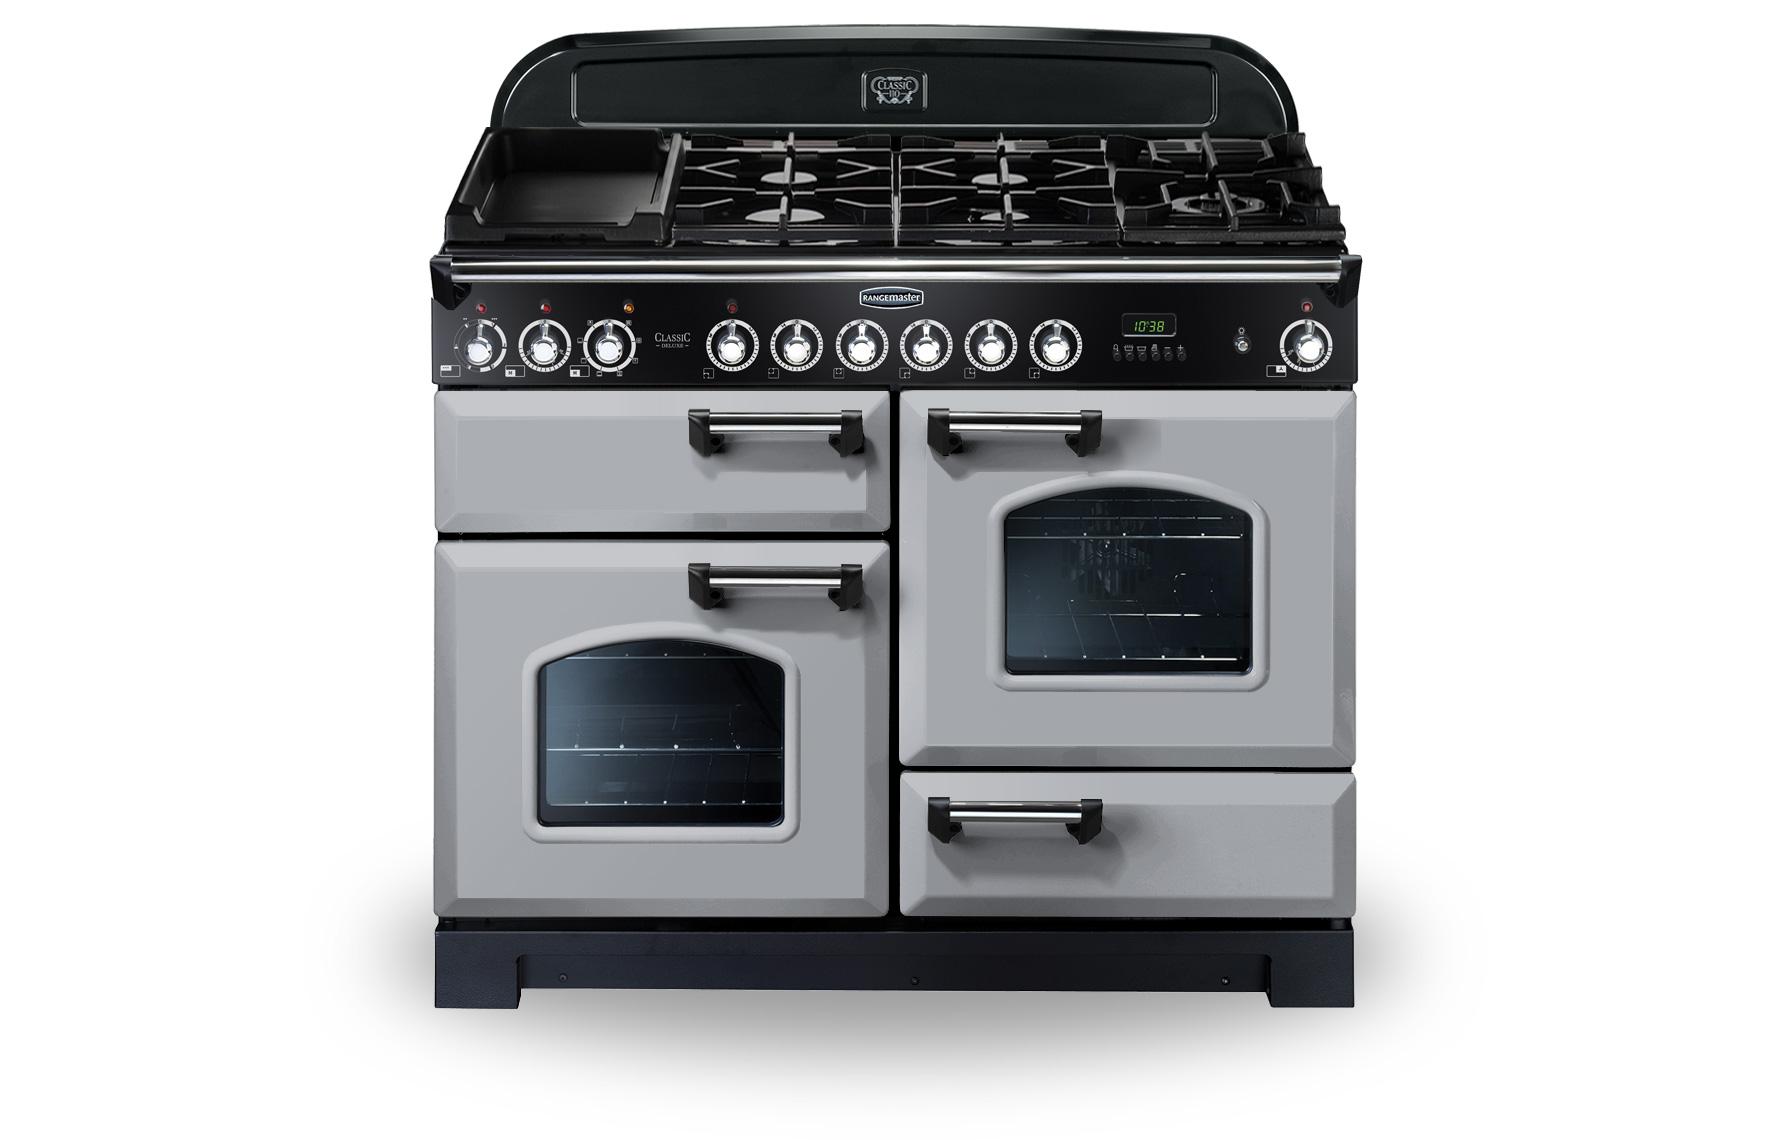 Rangemaster Classic Deluxe 110 Range Cookers